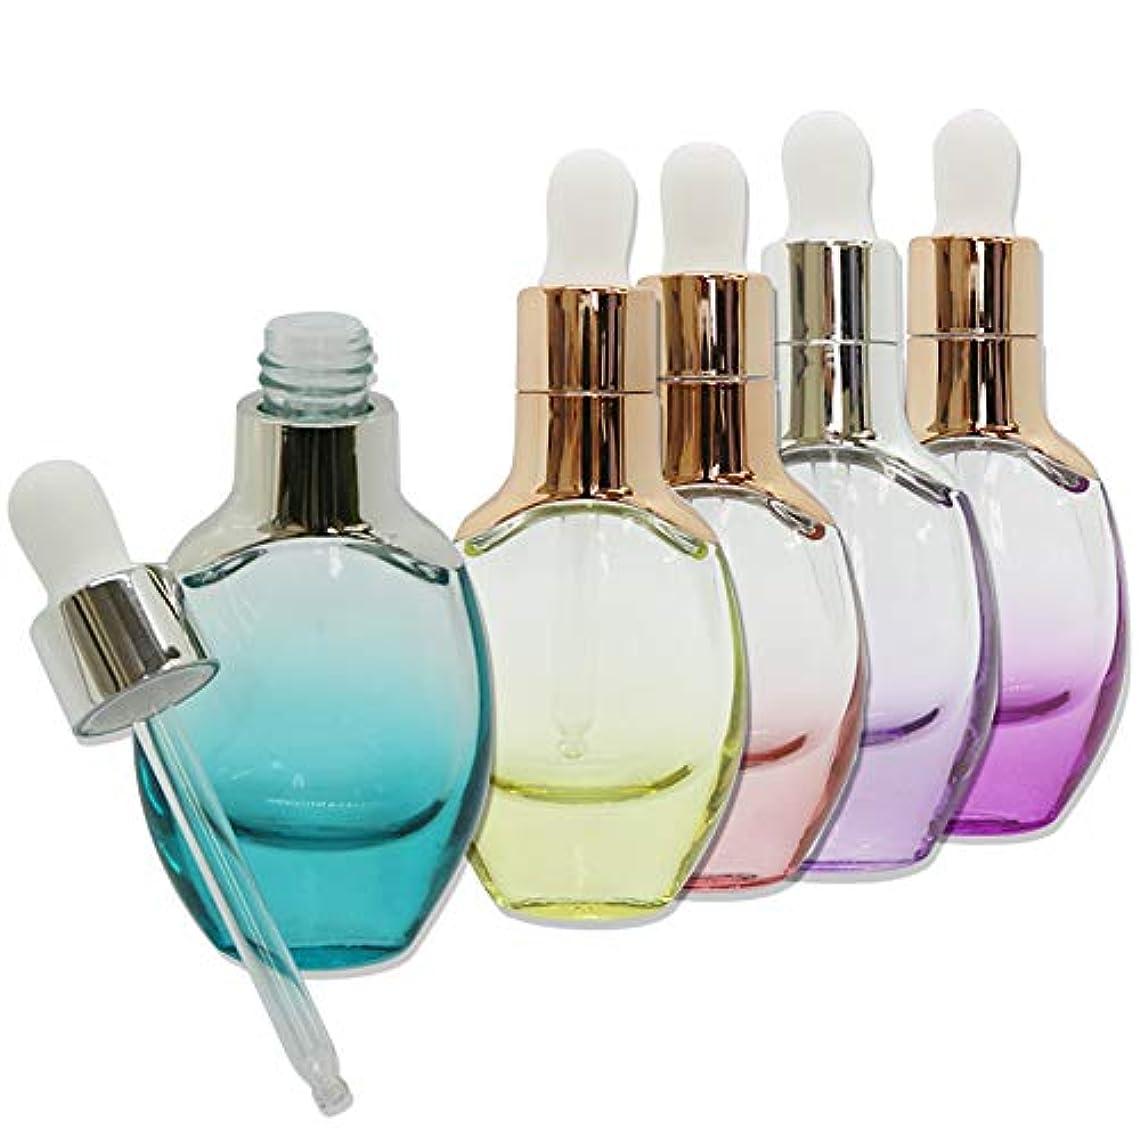 エレガント下手宣言kutsukage かわいい エッセンシャルボトル スポイト式 5本セット ガラス製 カラフル オイル 化粧品 オイル